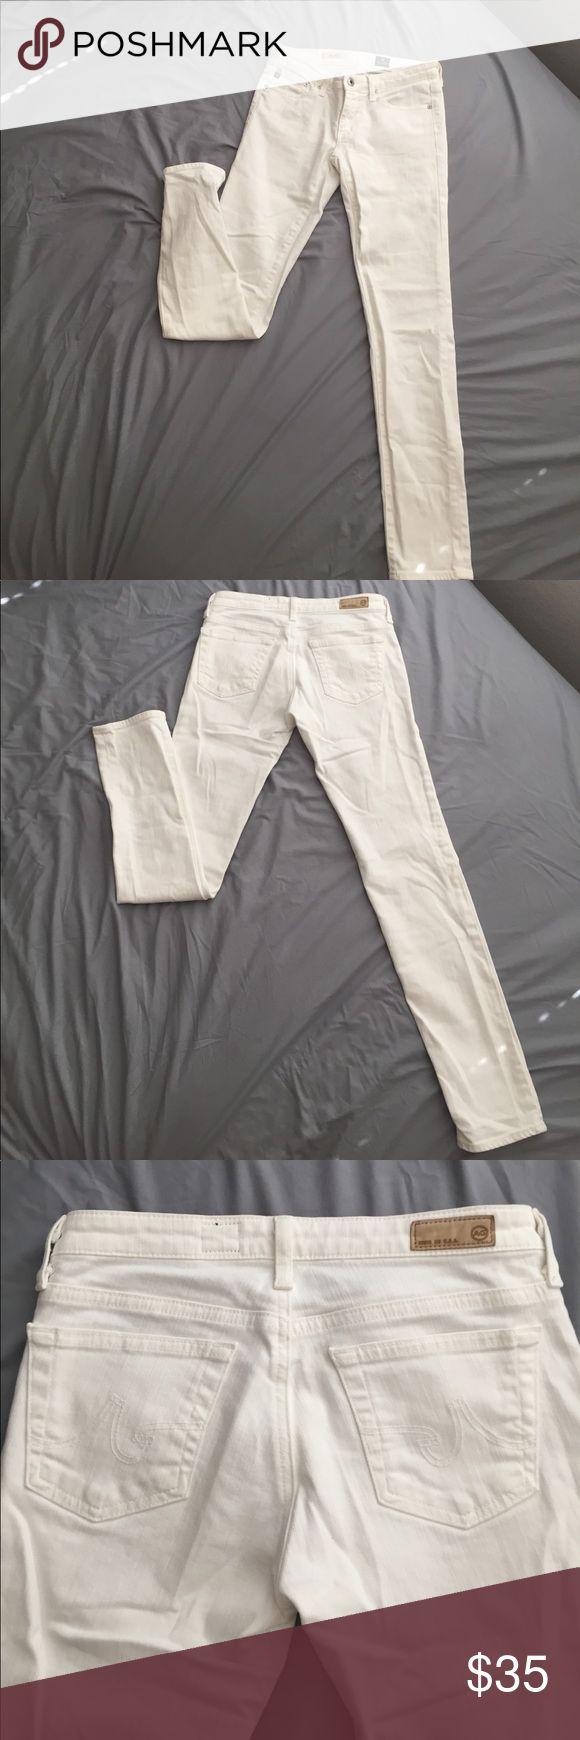 AG the Stilt Cigarette Jeans - White Skinny cigarette AG Denim made in the USA Ag Adriano Goldschmied Jeans Skinny